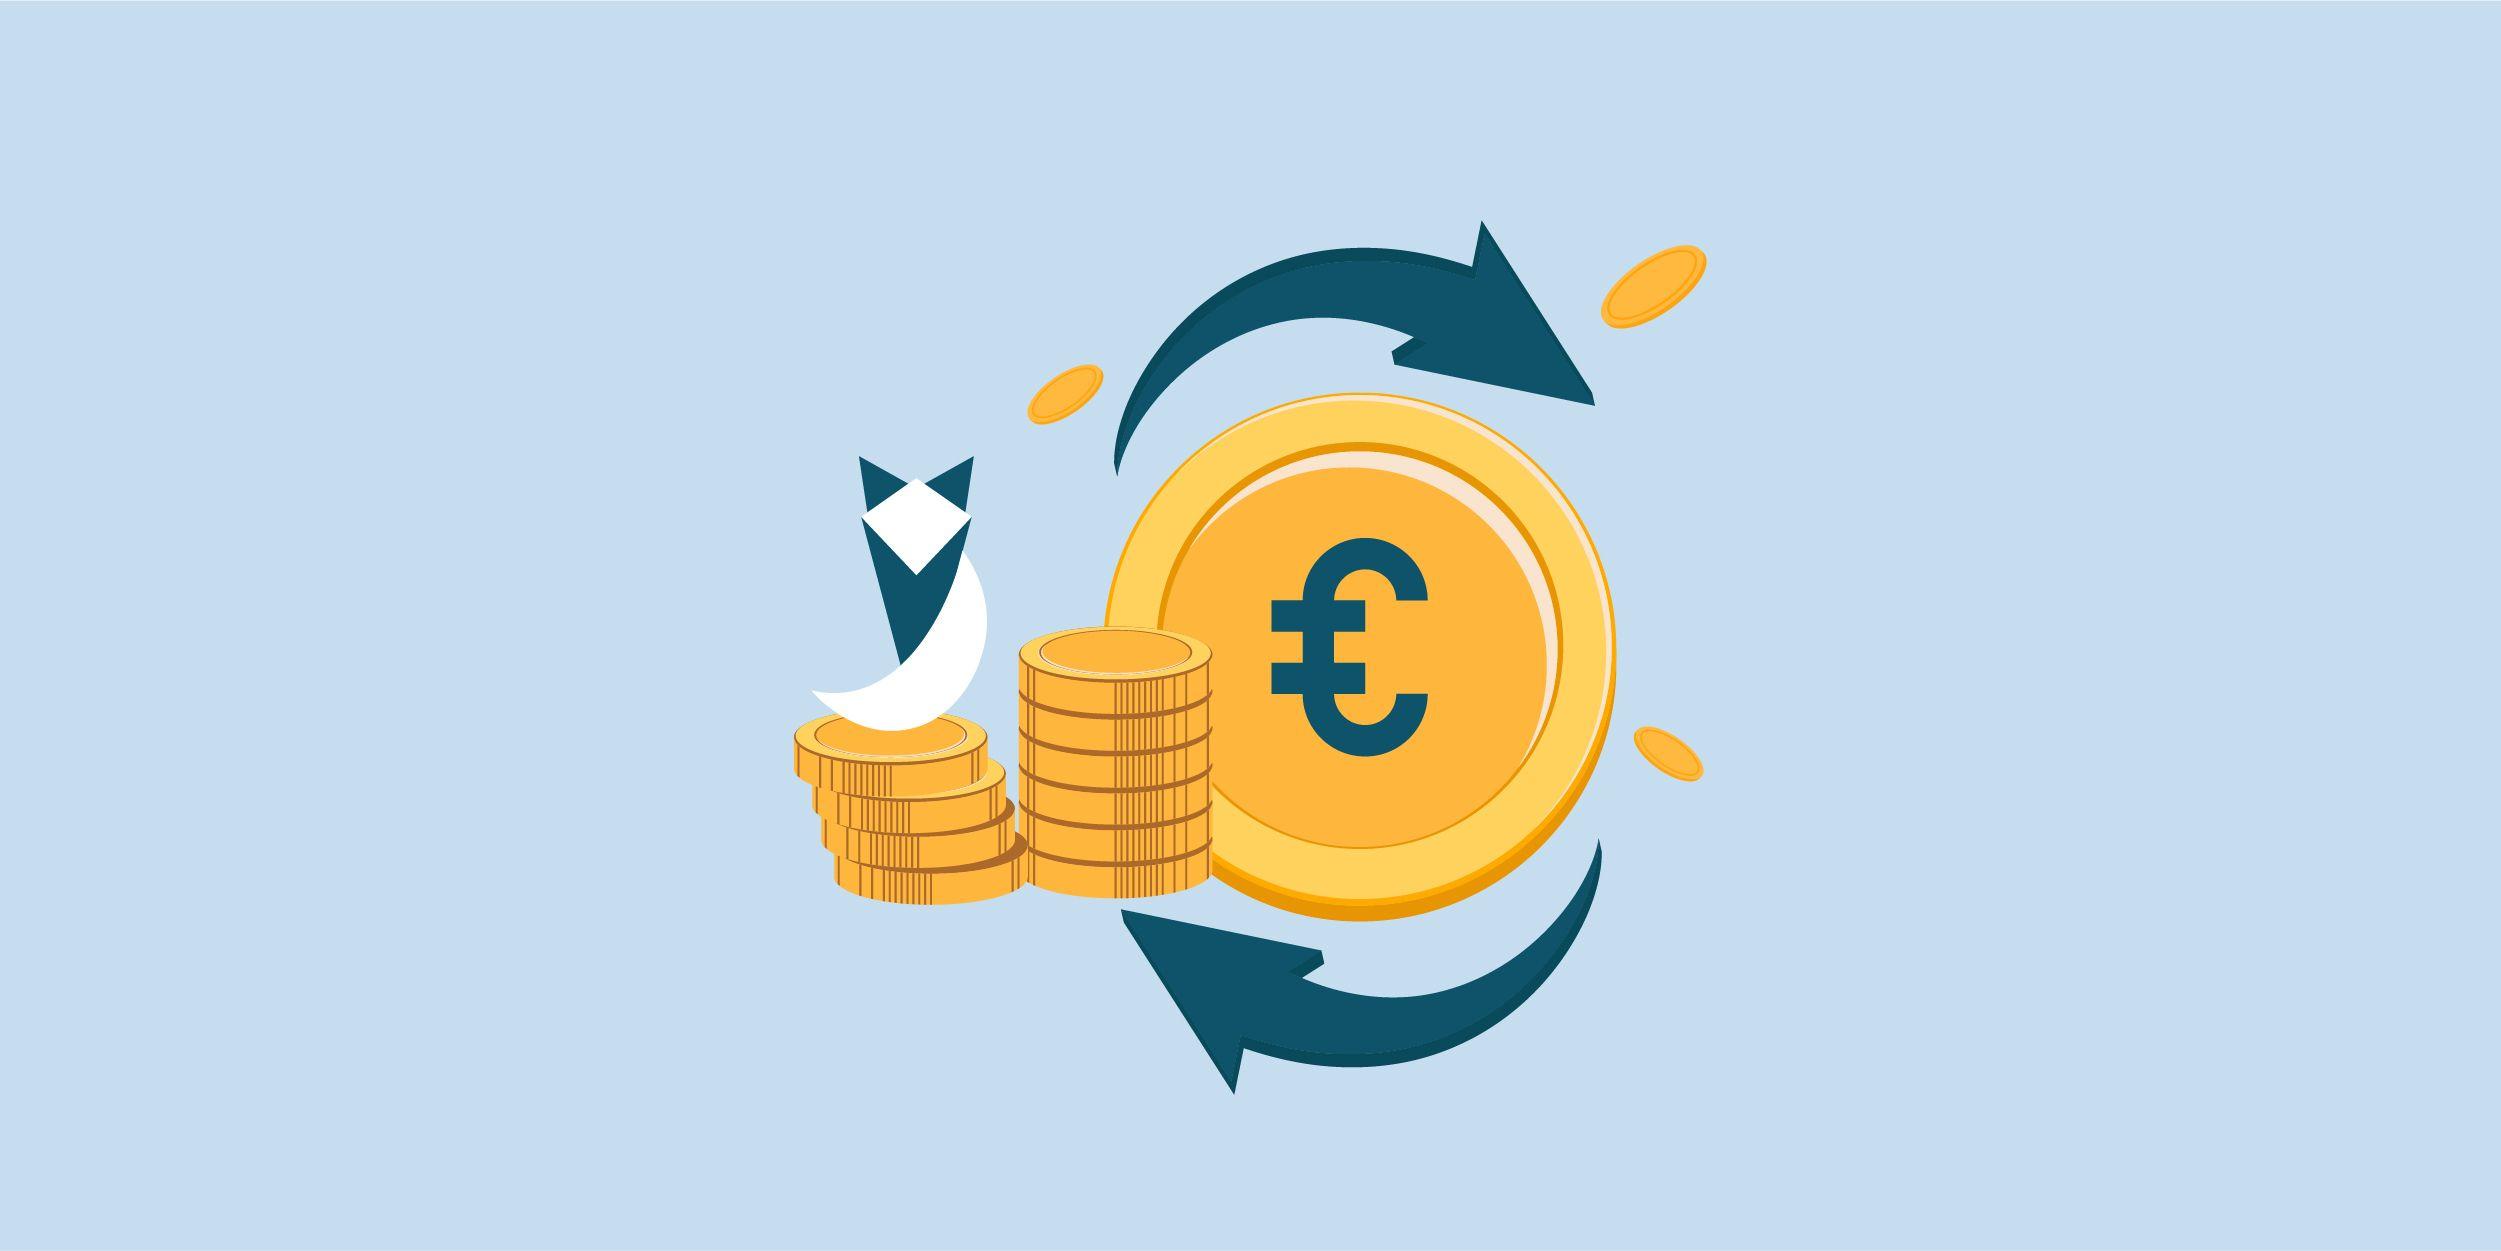 أسعار اليورو في البنوك المصرية اليوم 18 أغسطس 2021